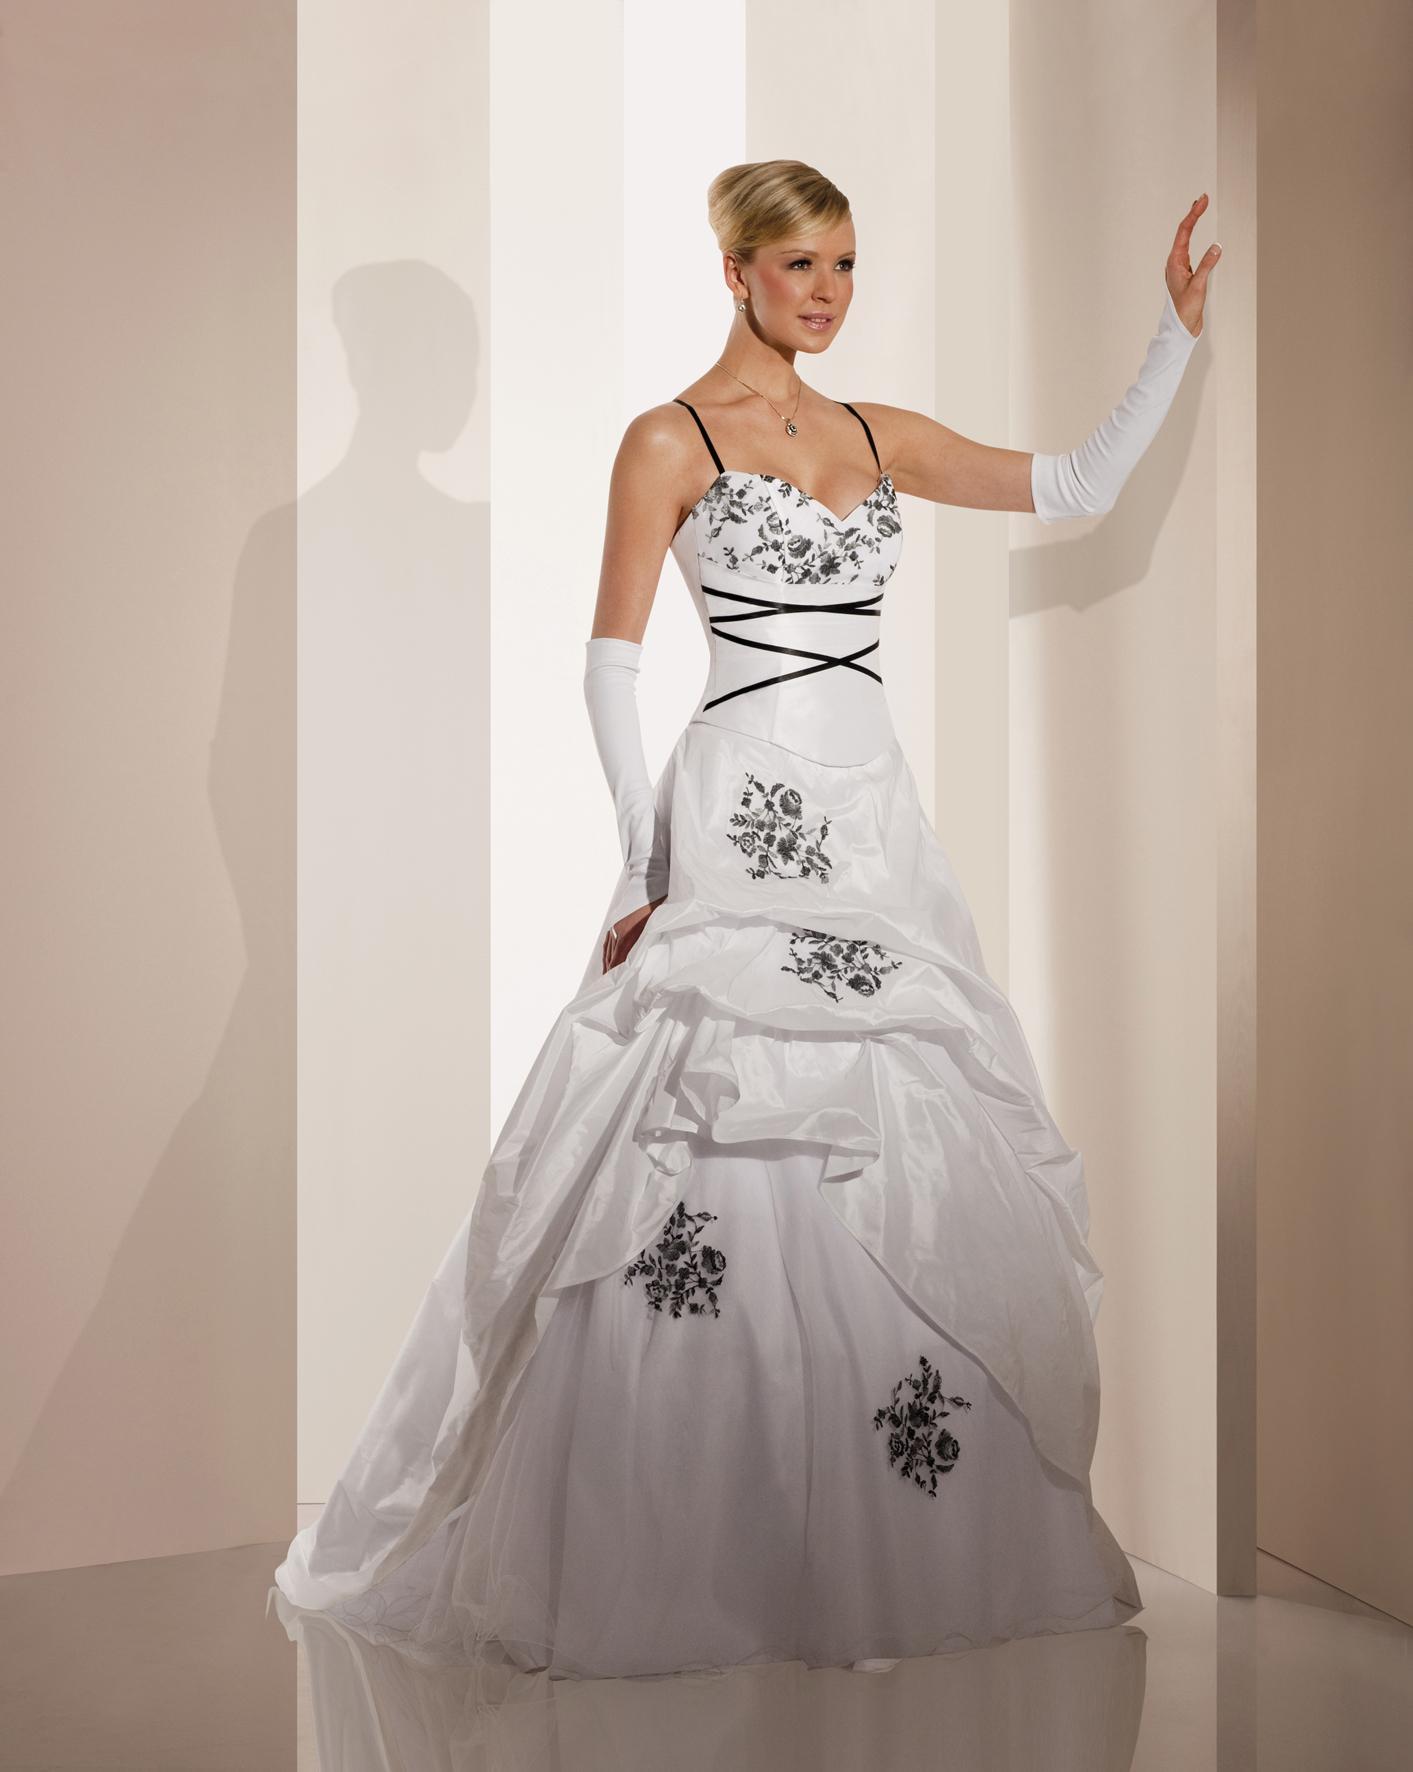 Robe de mariée blanche et noir